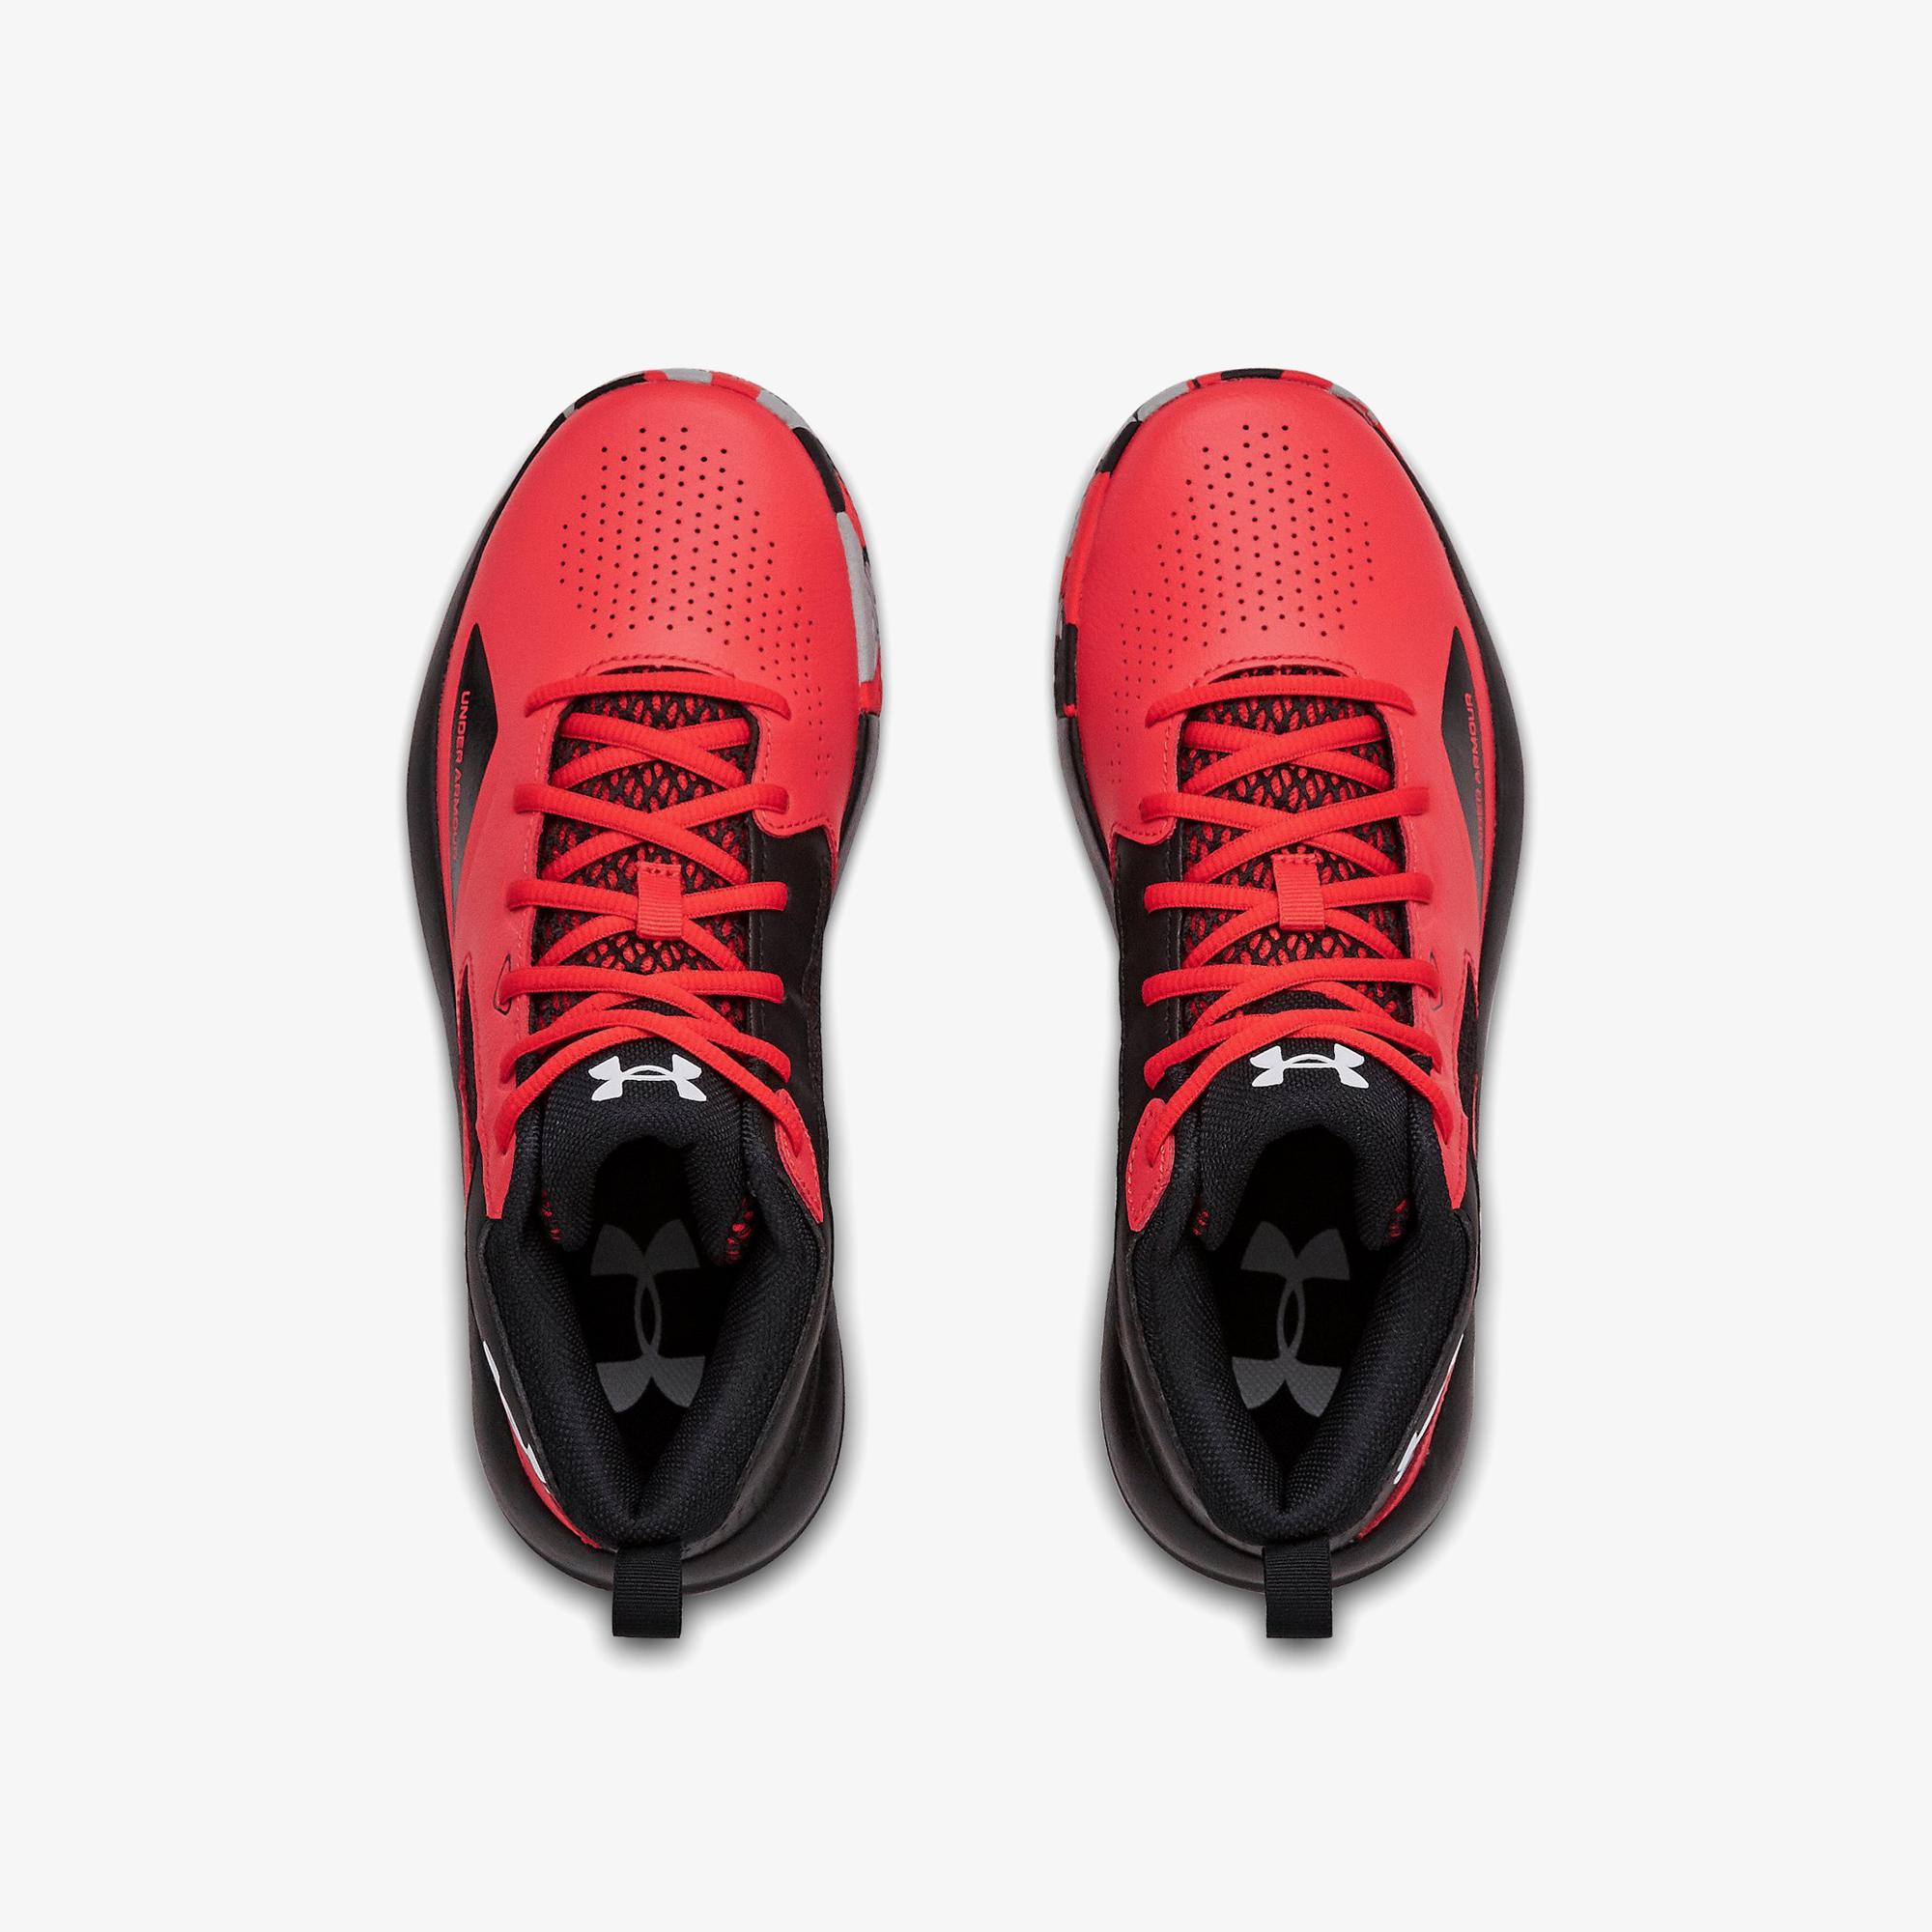 Under Armour Erkek Kırmızı Spor Ayakkabı